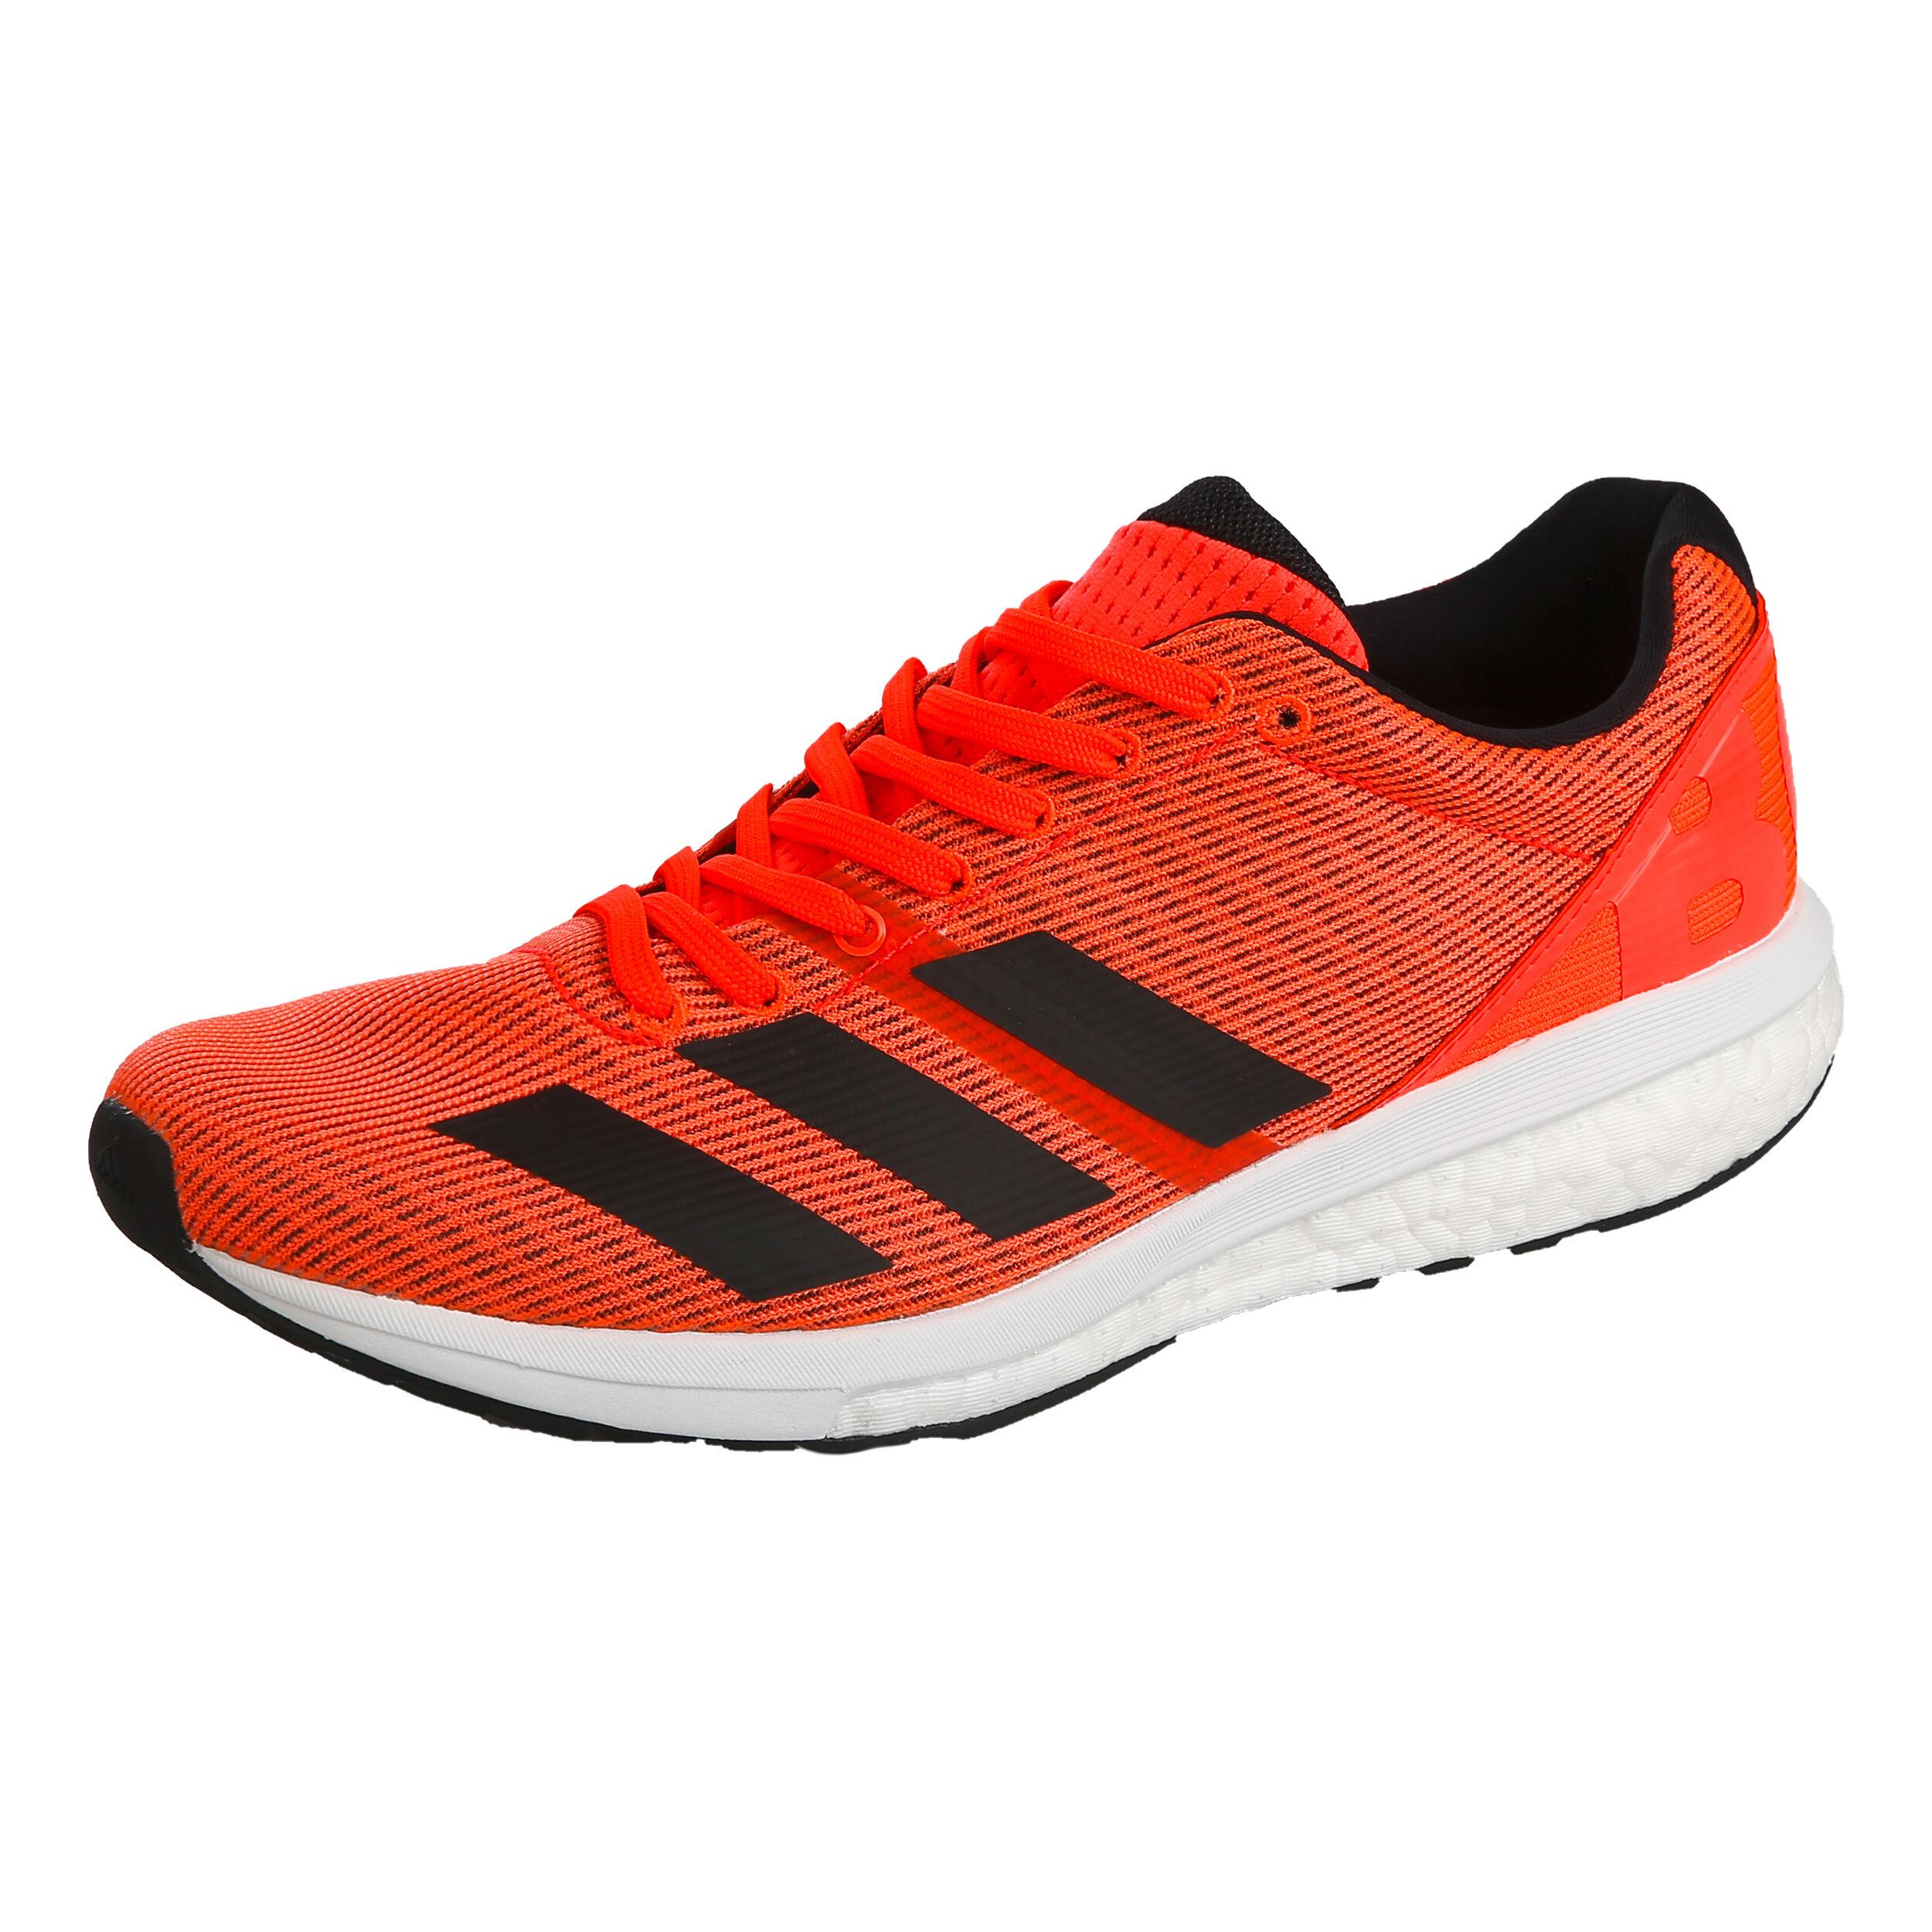 Adidas adizero Boston Laufen Schuhe Jogging adizero 46 Laufschuhe